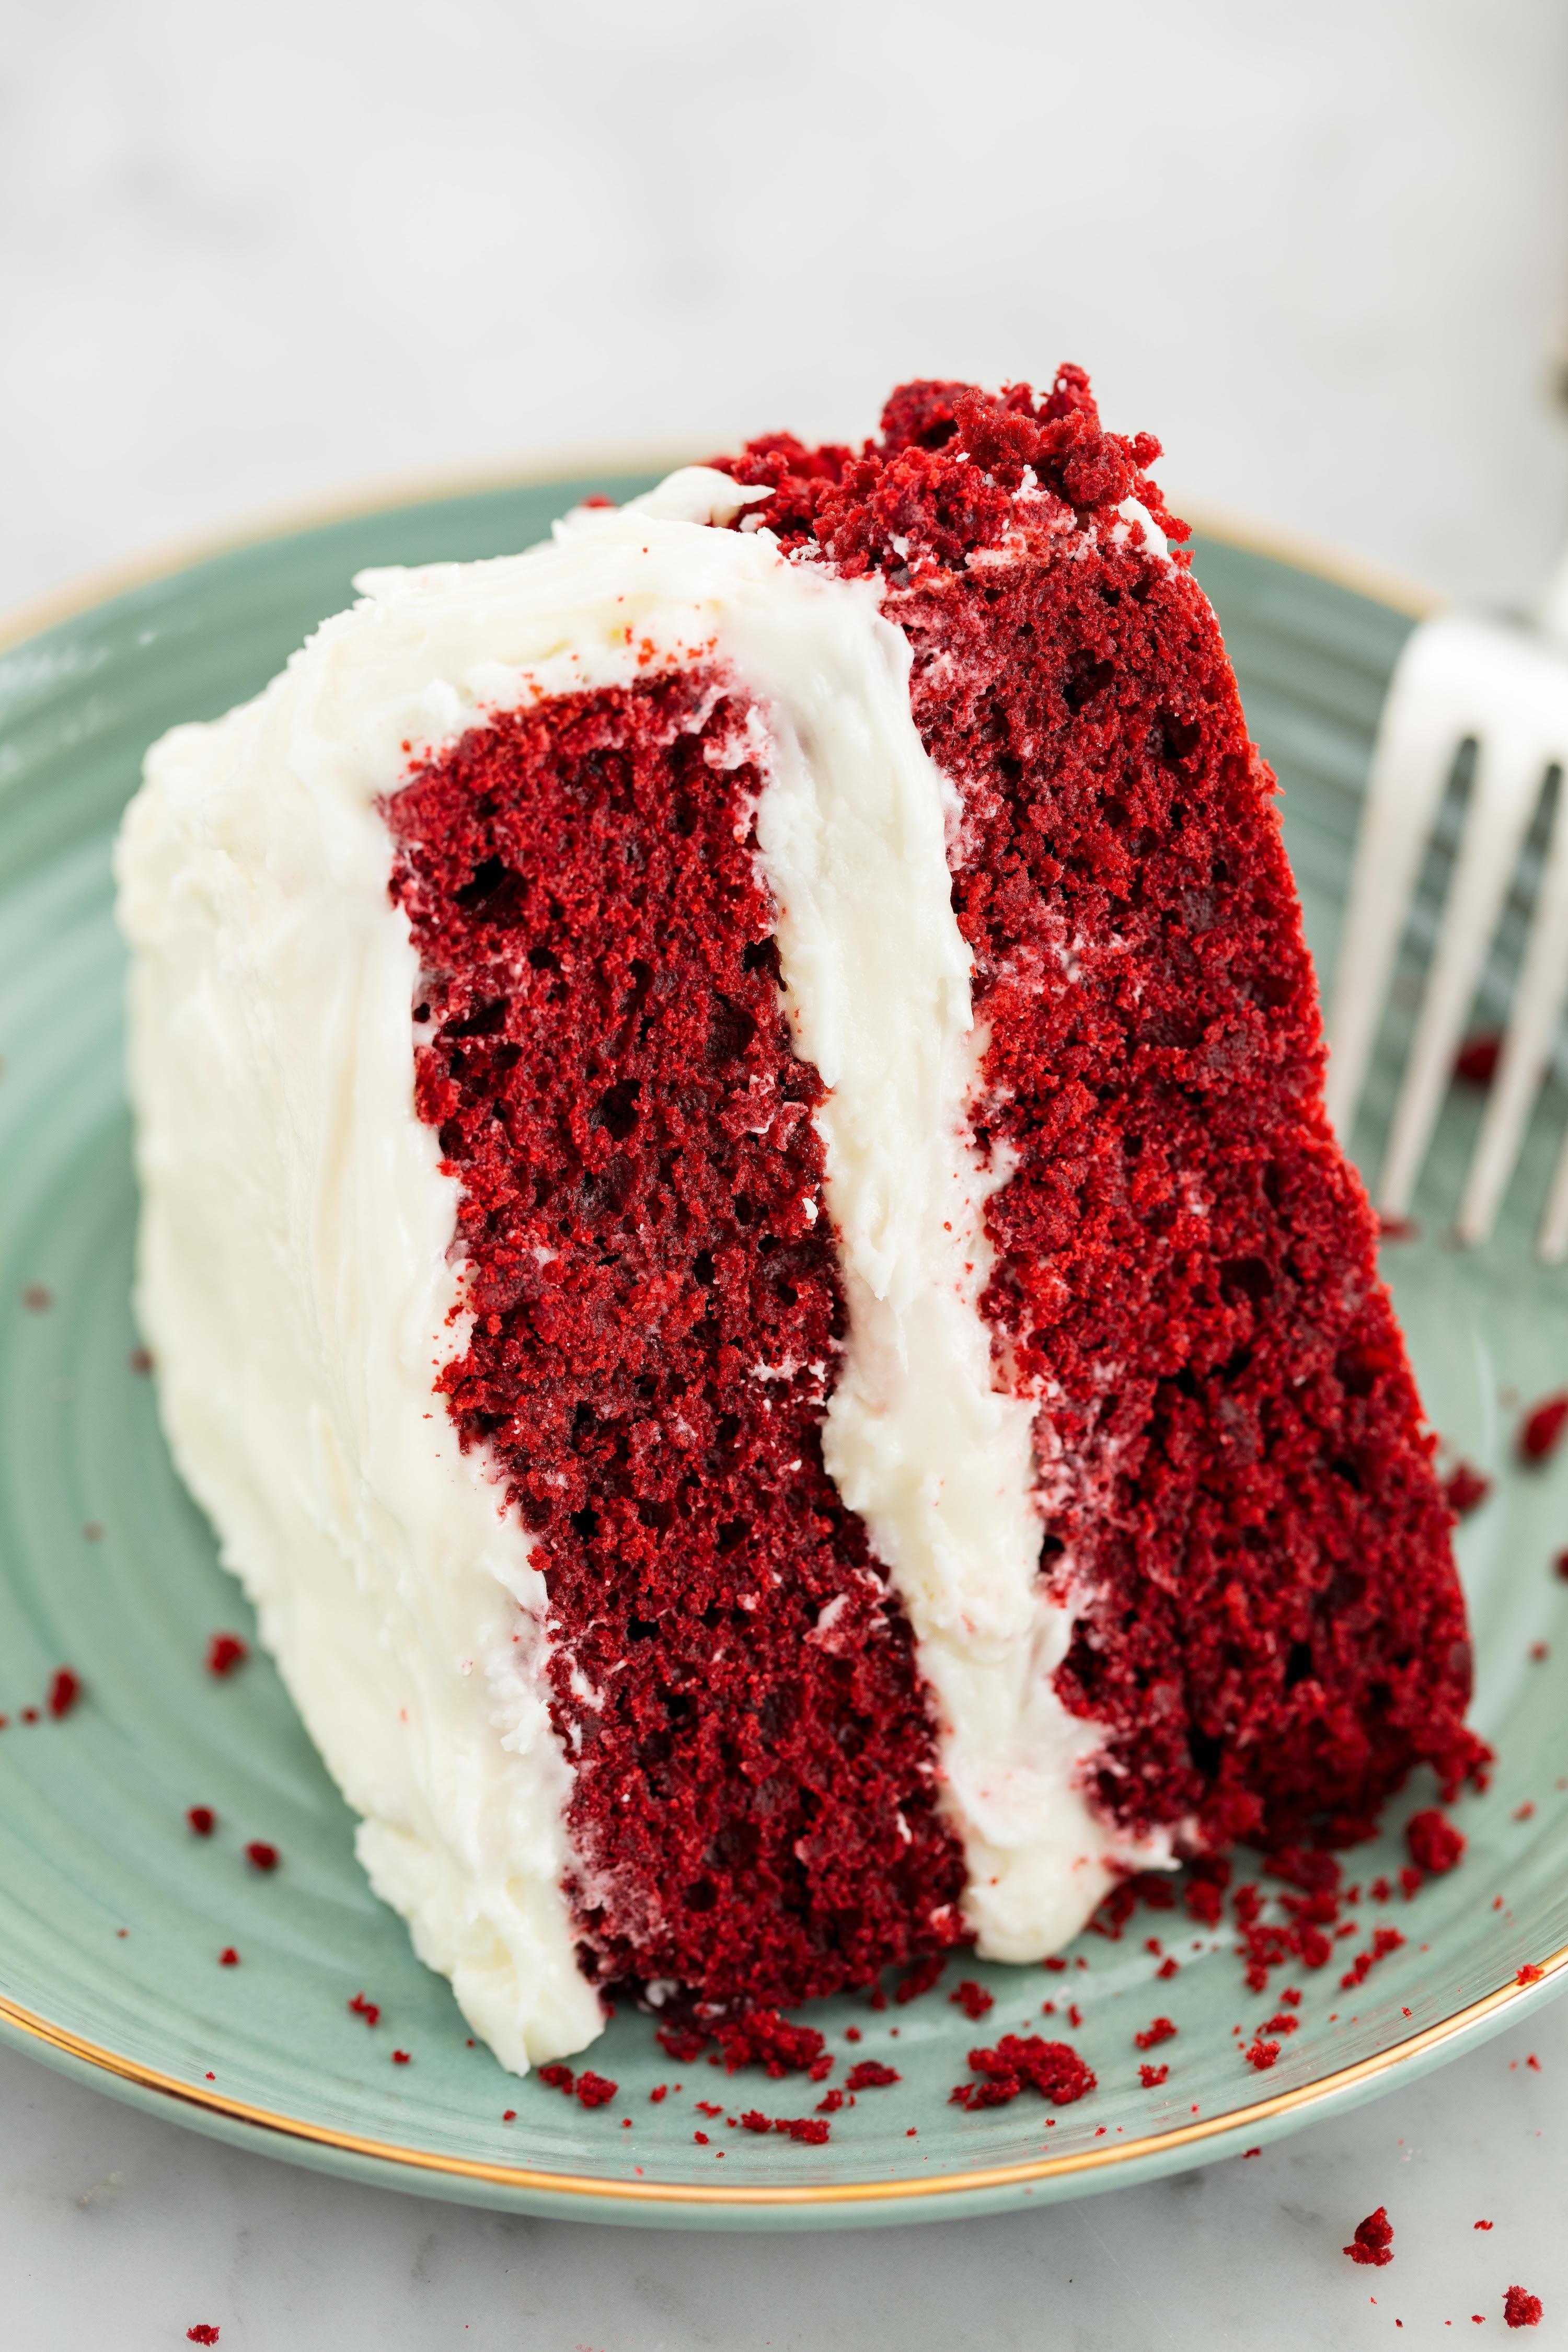 image & Best Homemade Red Velvet Cake Recipe - How to Make Easy Red Velvet Cake